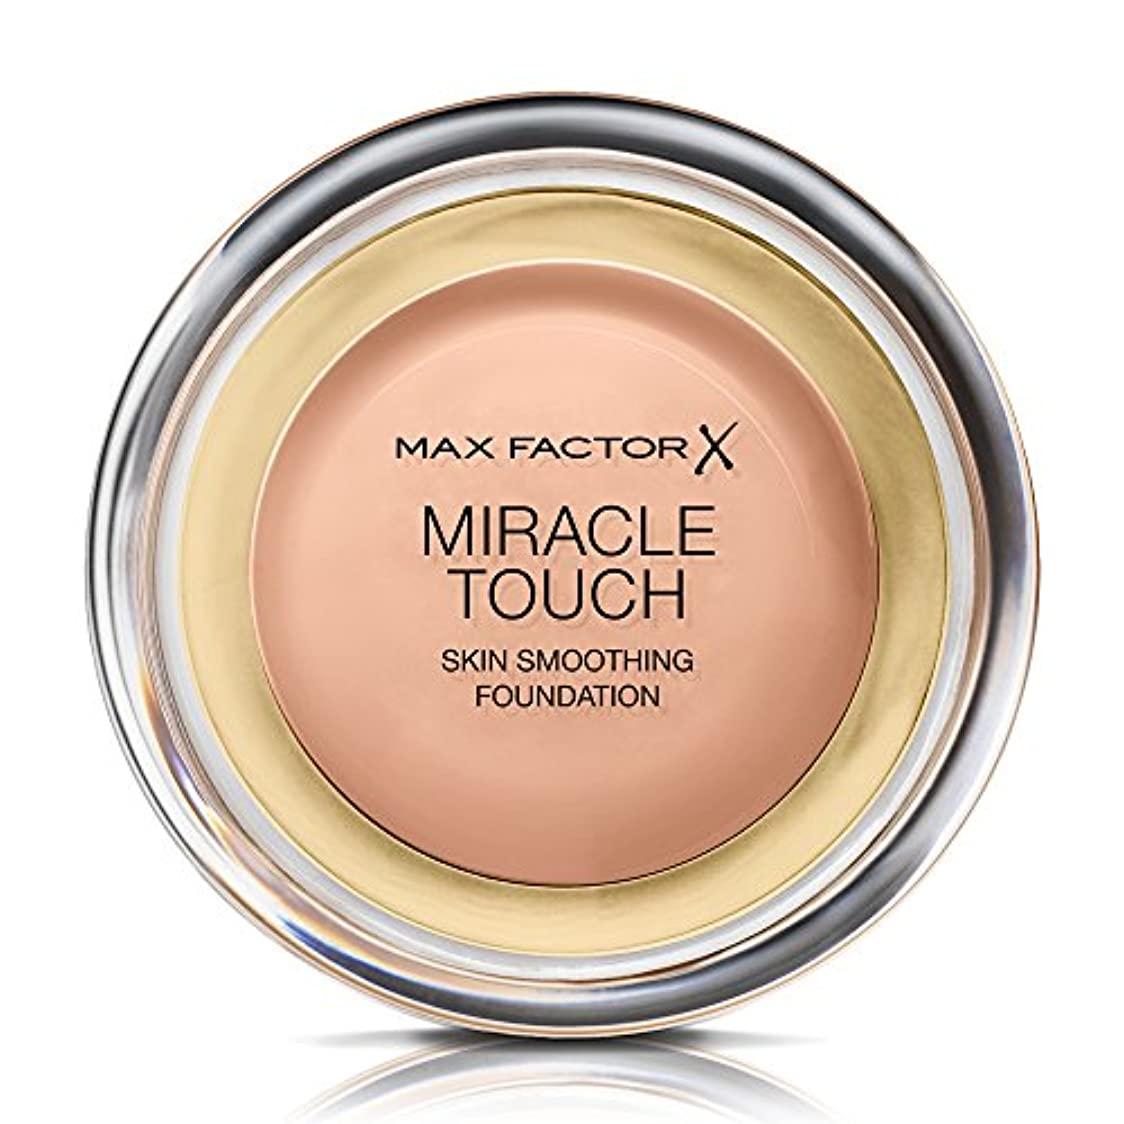 行進耳境界マックス ファクター ミラクル タッチ スキン スムーズ ファウンデーション - ブラシング ベージュ Max Factor Miracle Touch Skin Smoothing Foundation - Blushing...